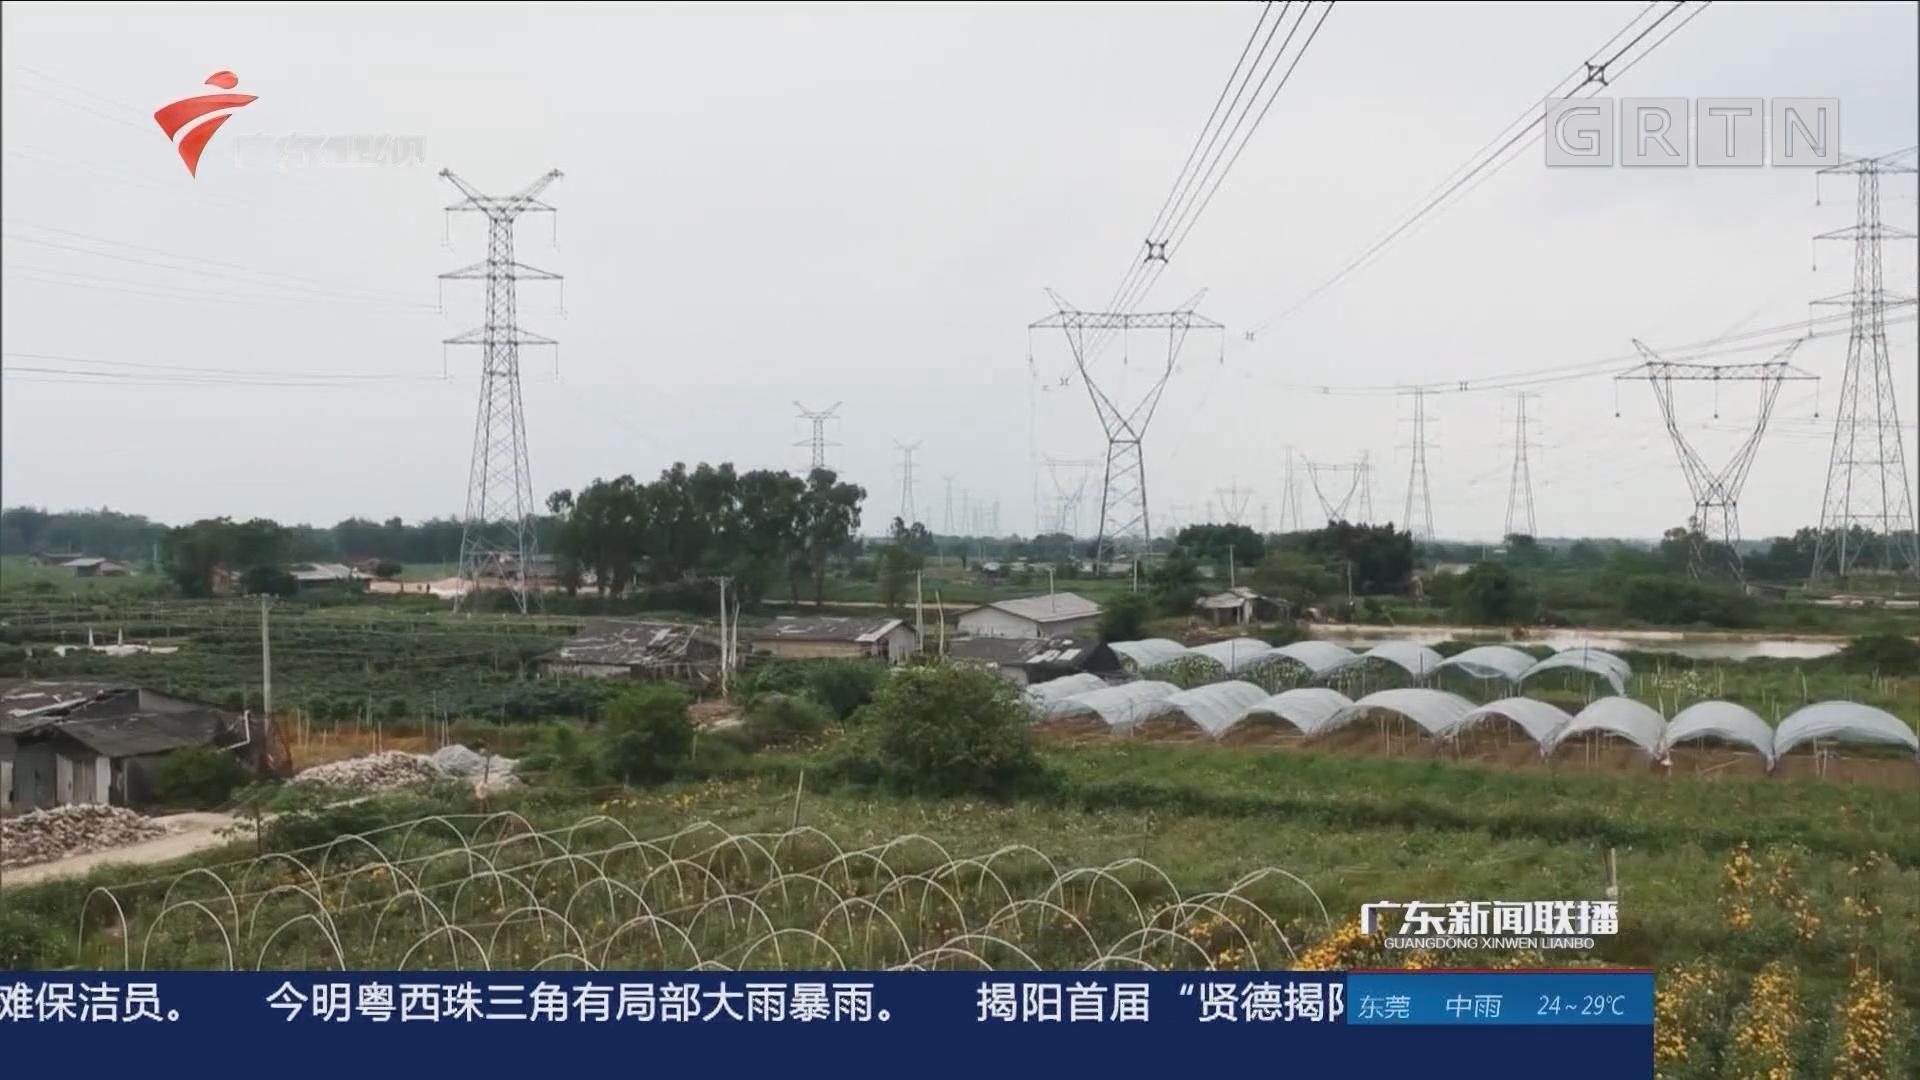 2018年西电东送电量达2100多亿千瓦时